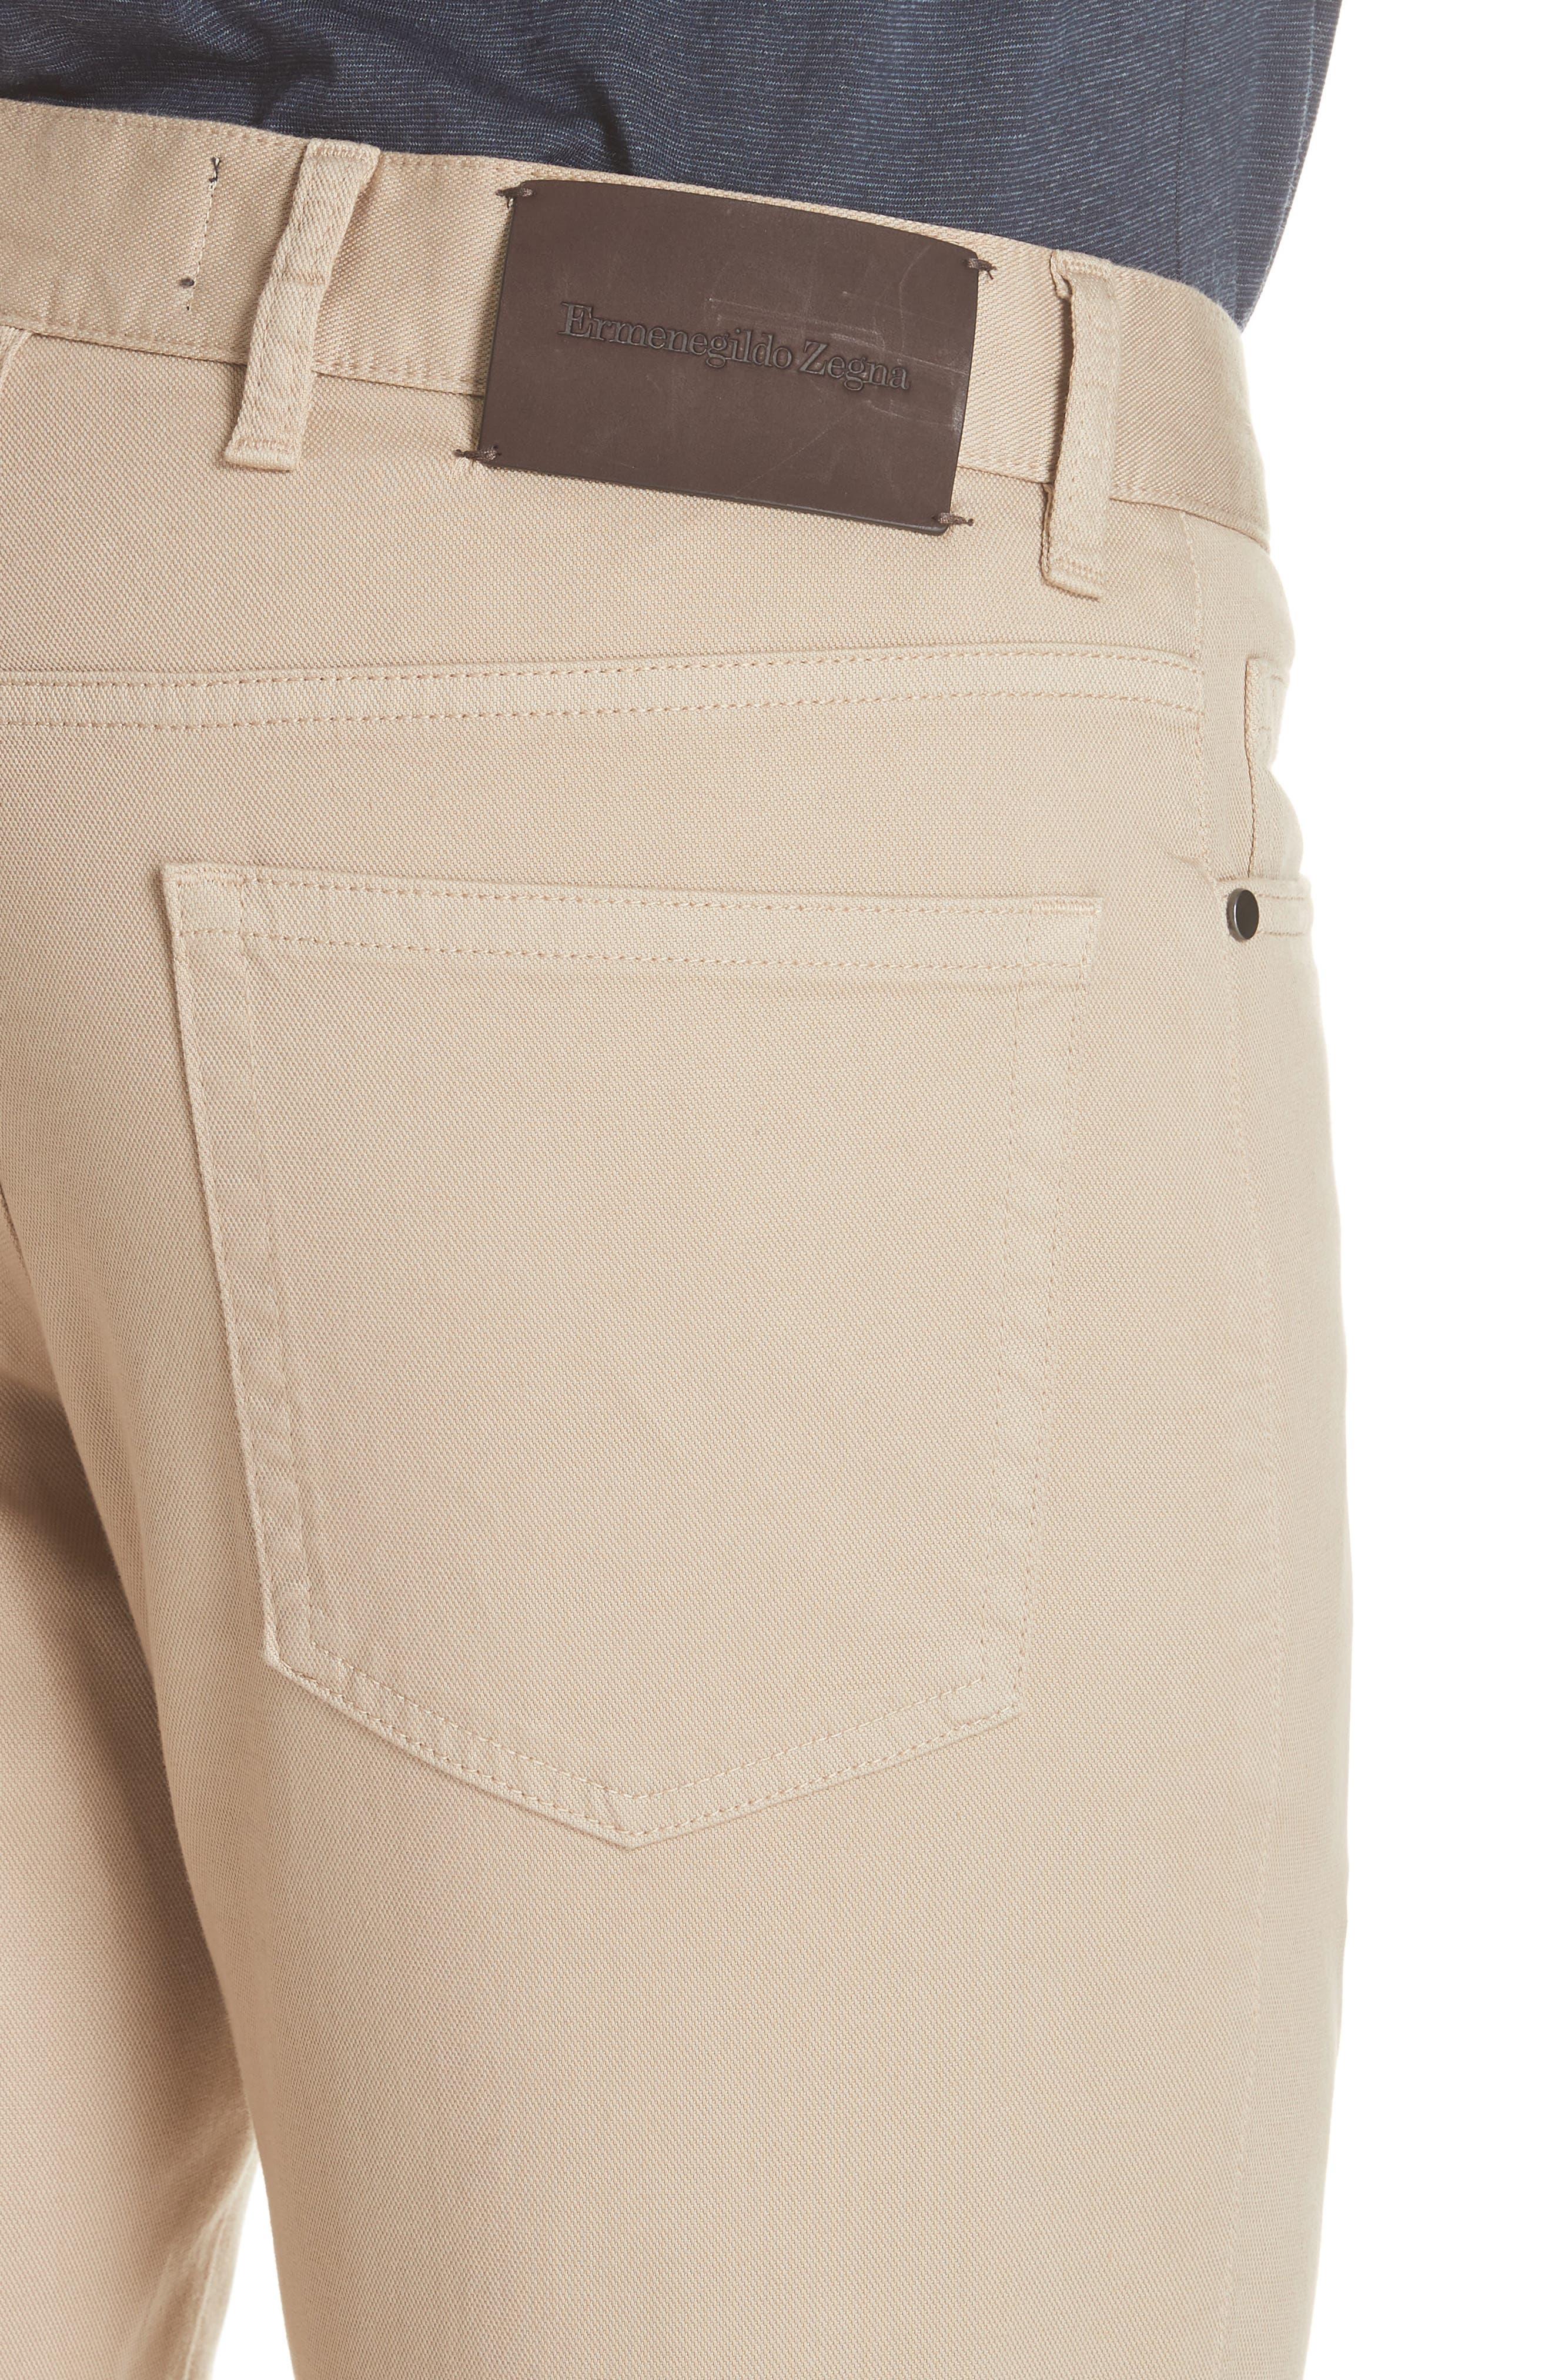 ERMENEGILDO ZEGNA, Stretch Cotton Five Pocket Pants, Alternate thumbnail 5, color, LIGHT BEIGE